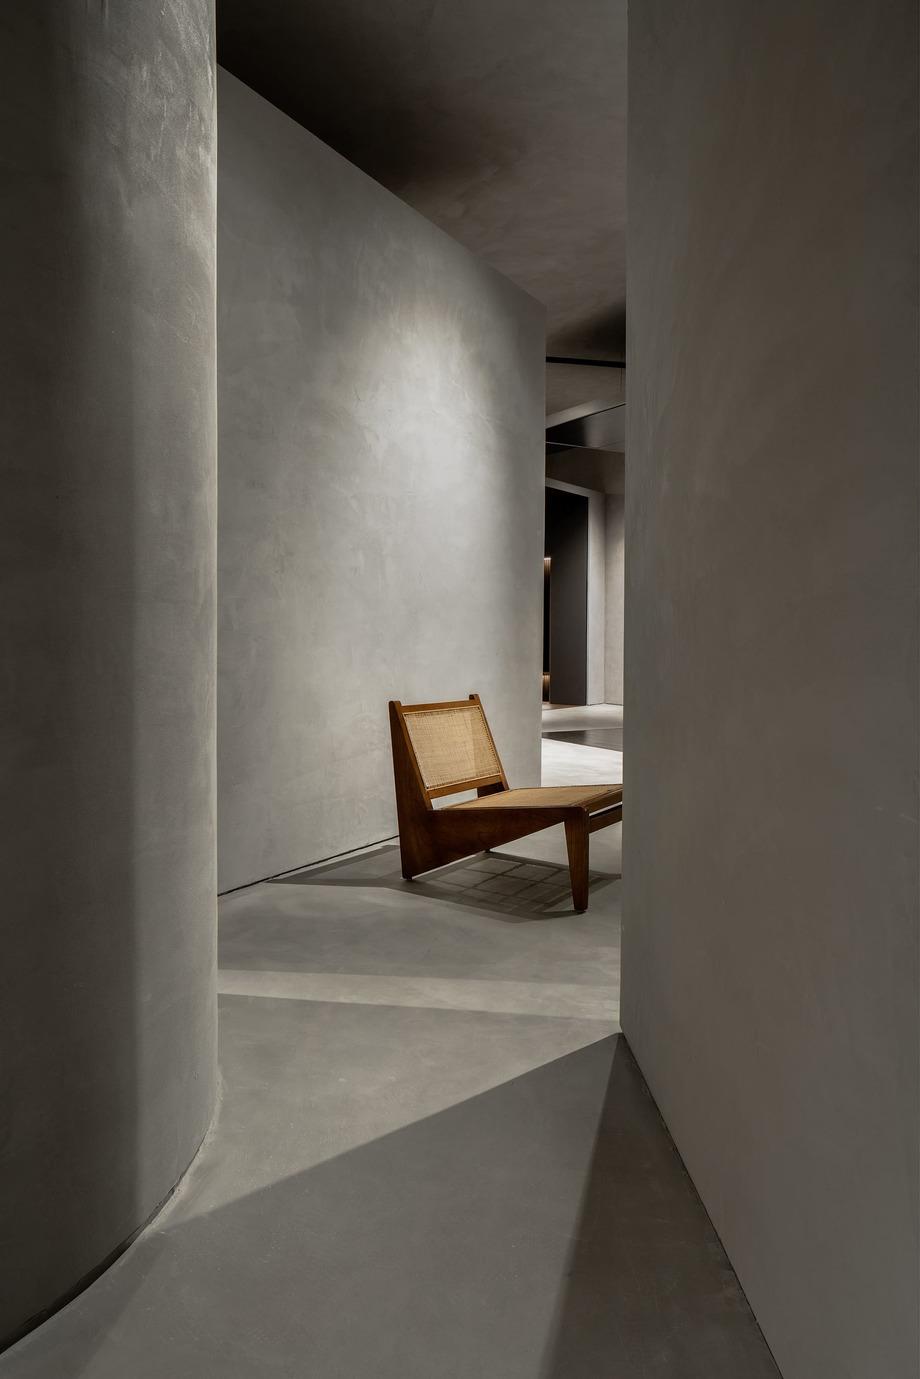 showroom de jst architecture (25) - foto he chuan